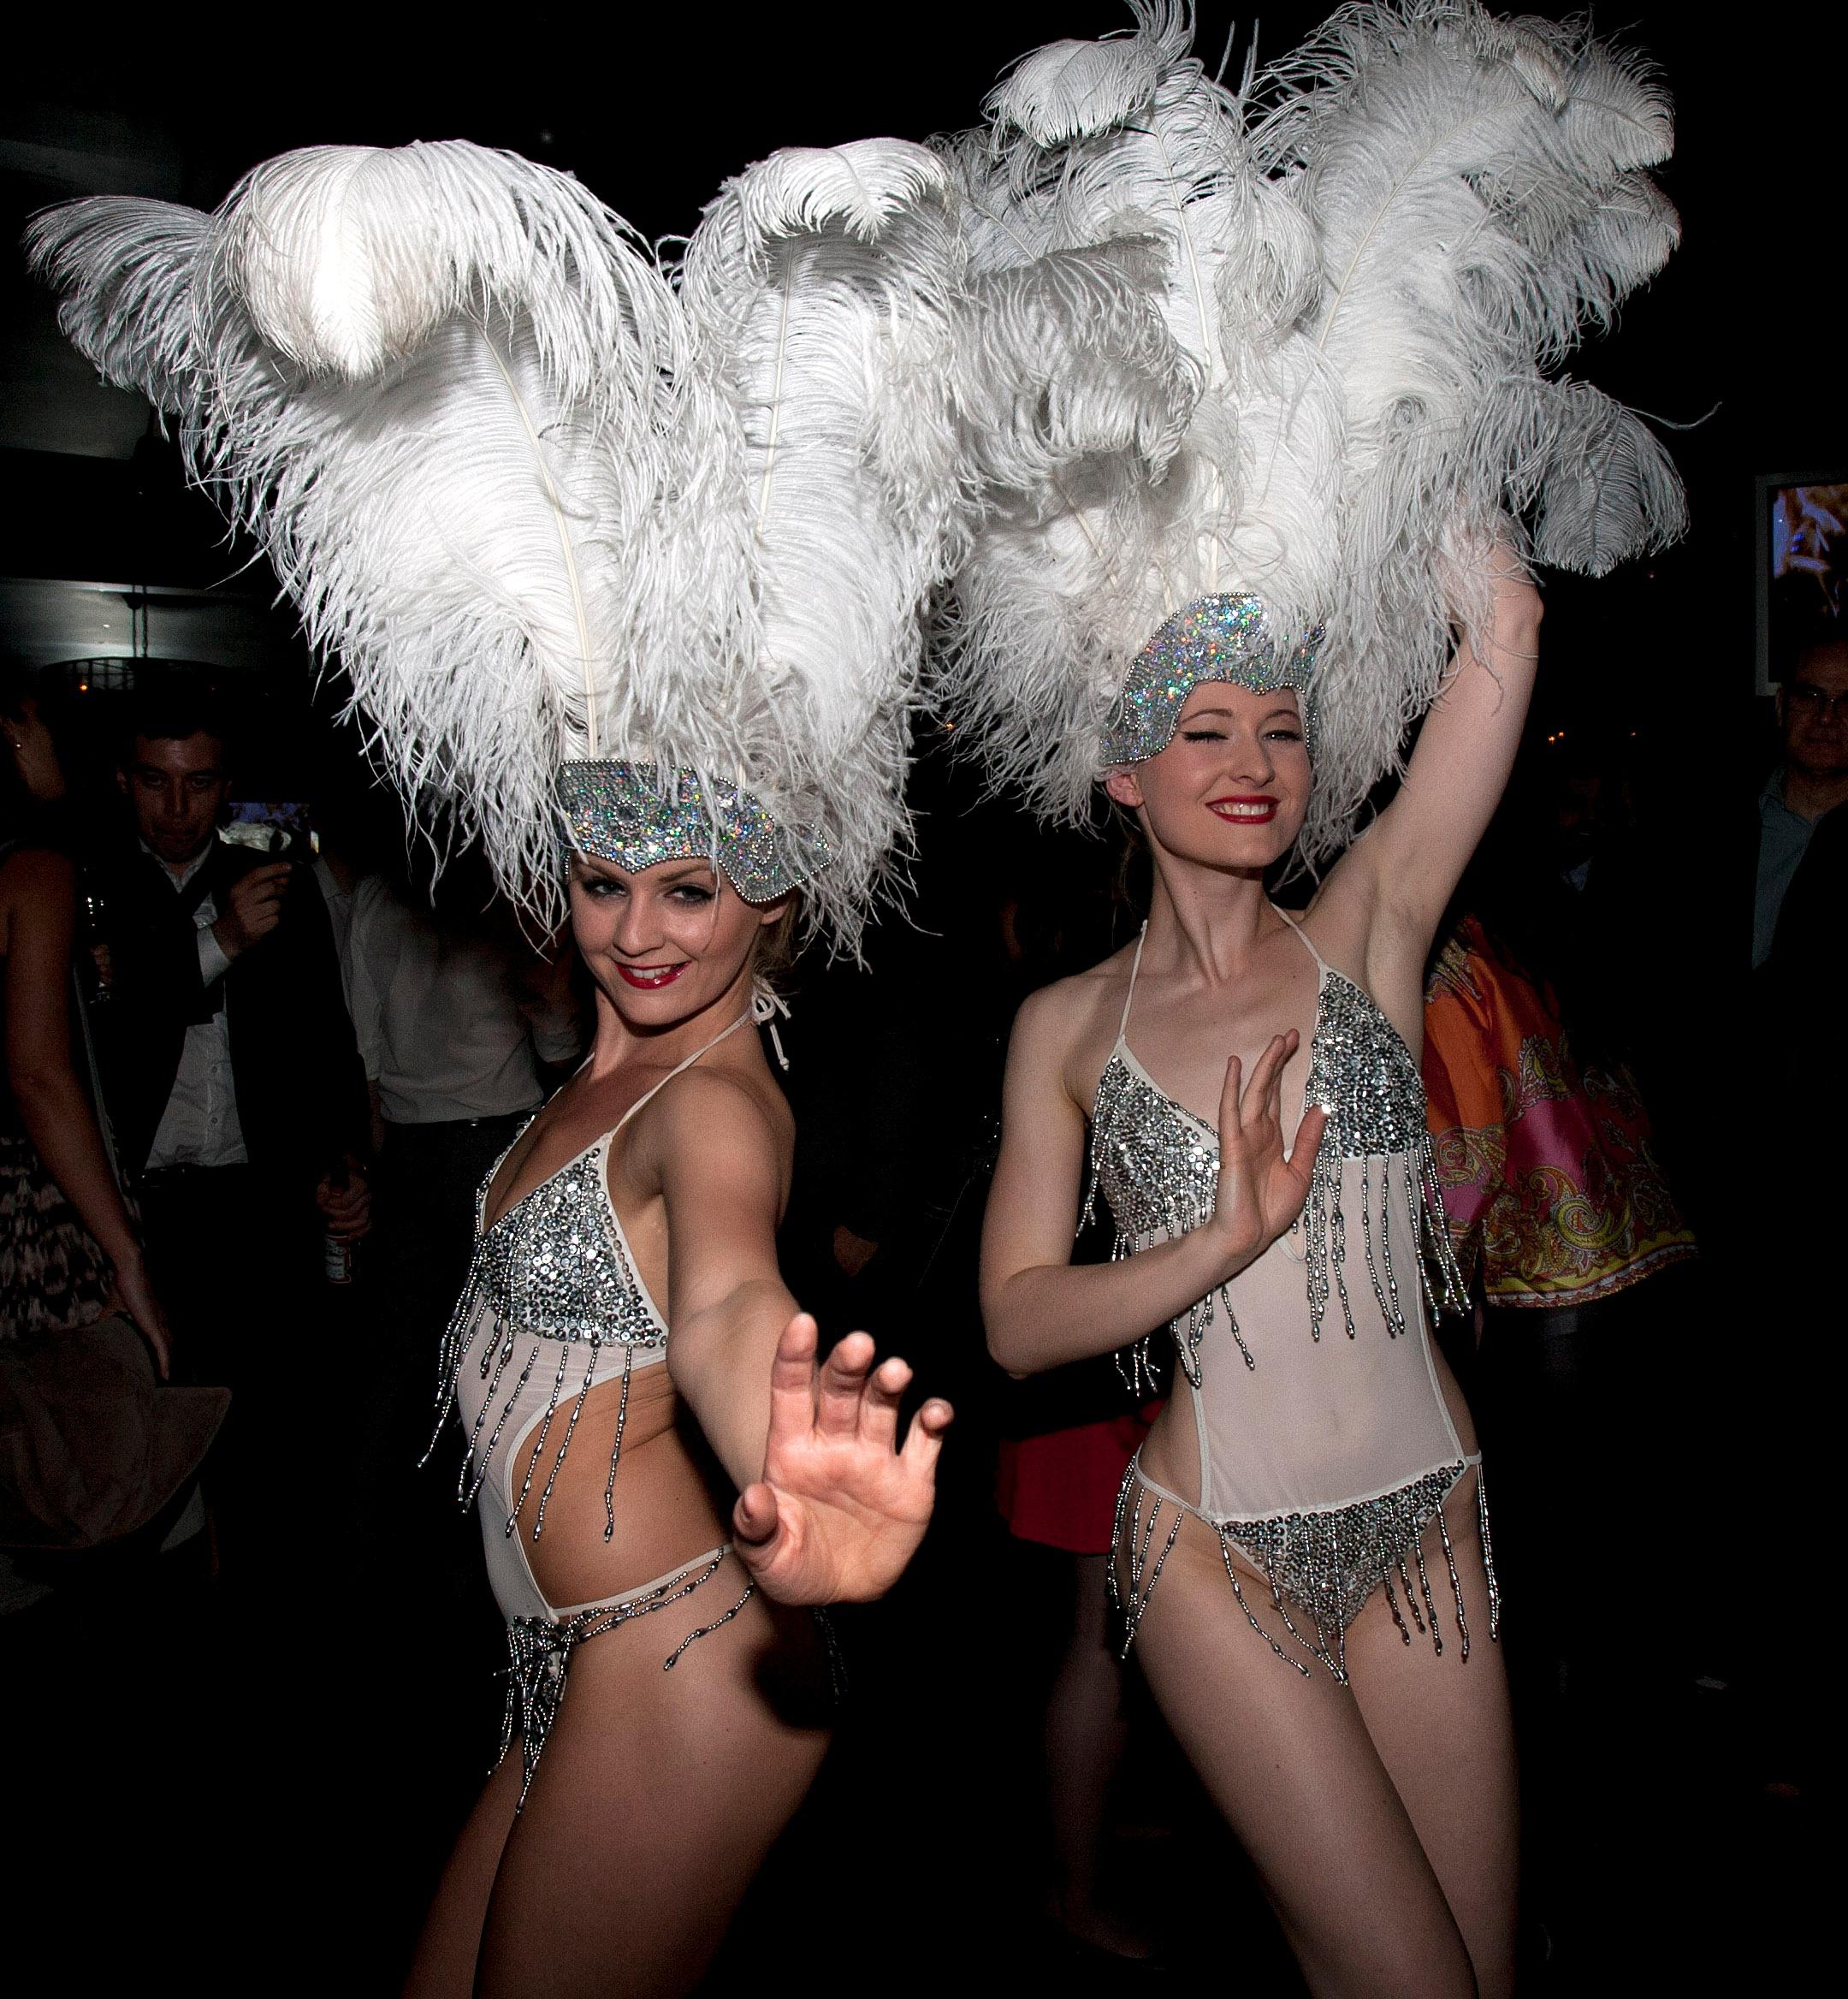 Sparkling showgirl dancers